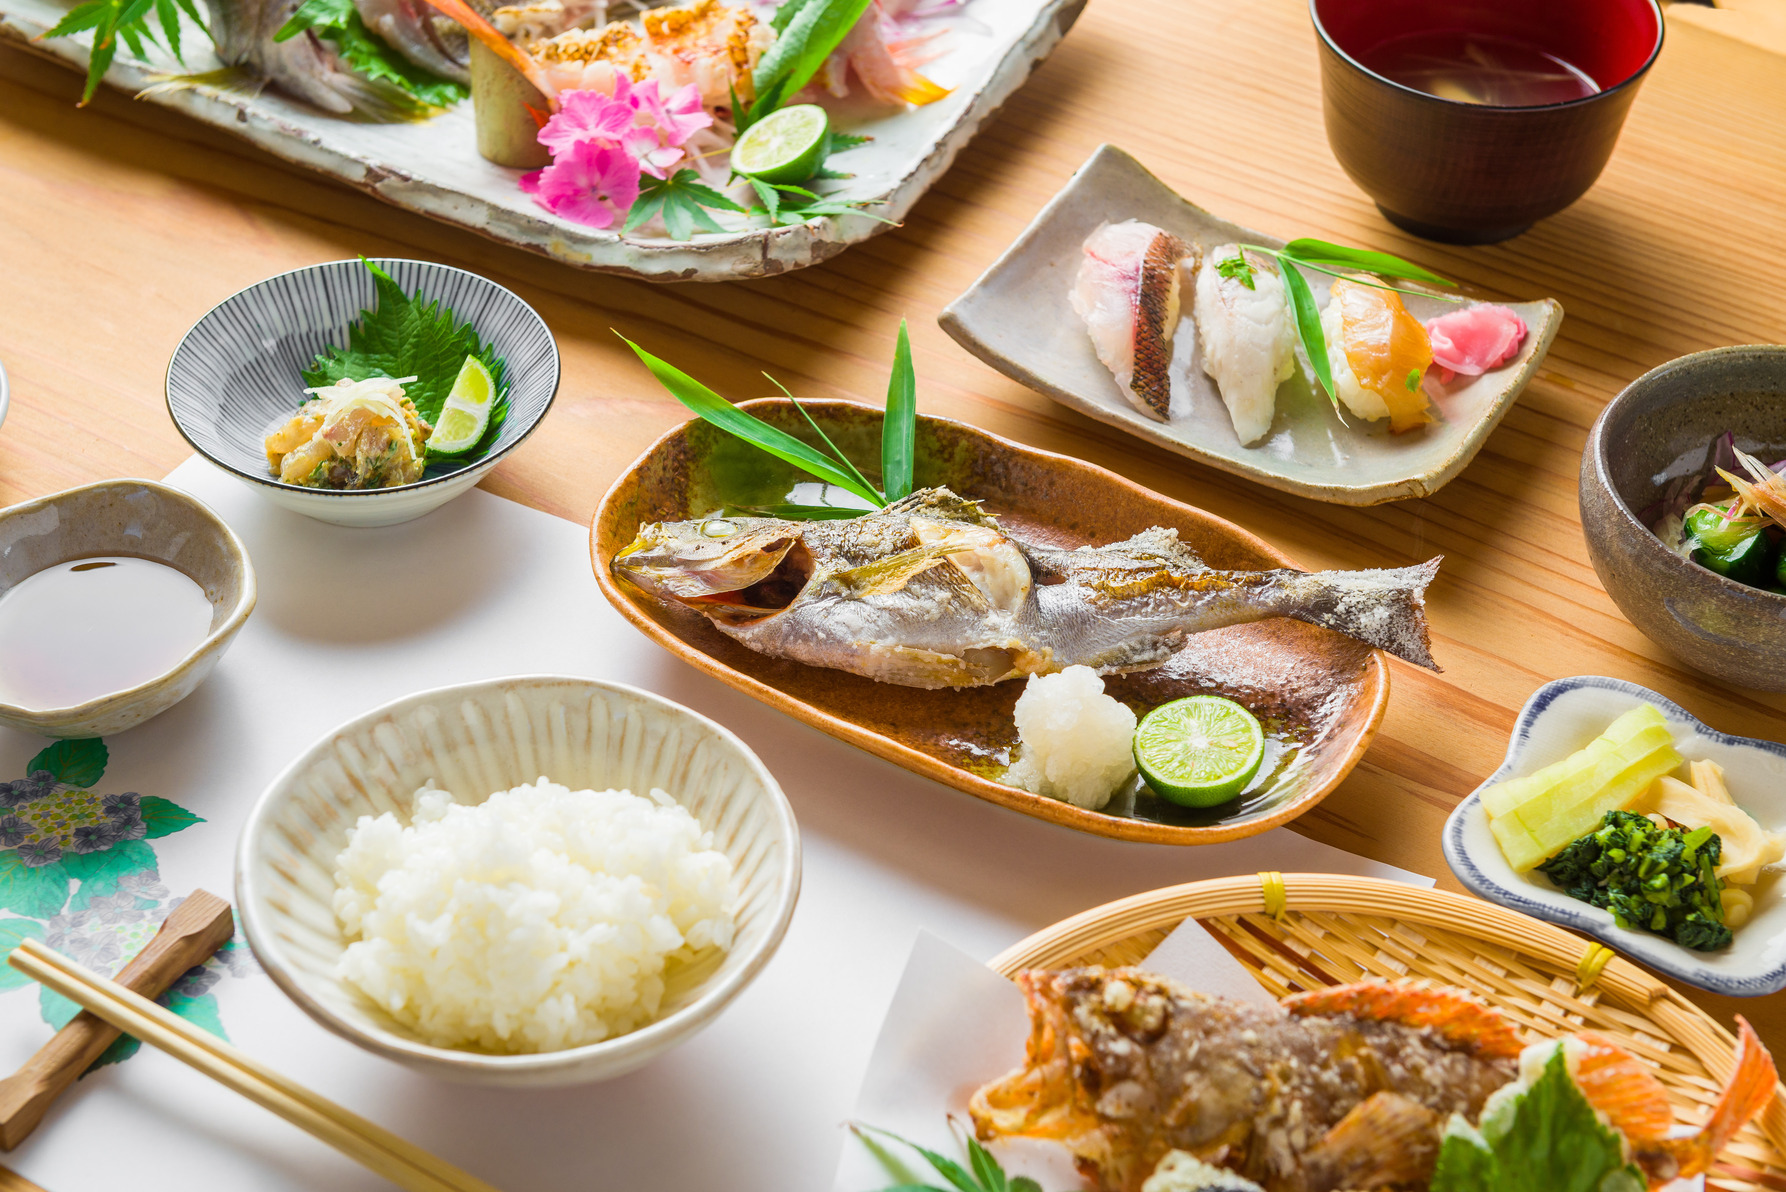 《阿南市/民宿 あたらしや》泊まらなくても食べられる宿めし。衝撃のプリプリ食感! 鮮度抜群の魚介の宝庫